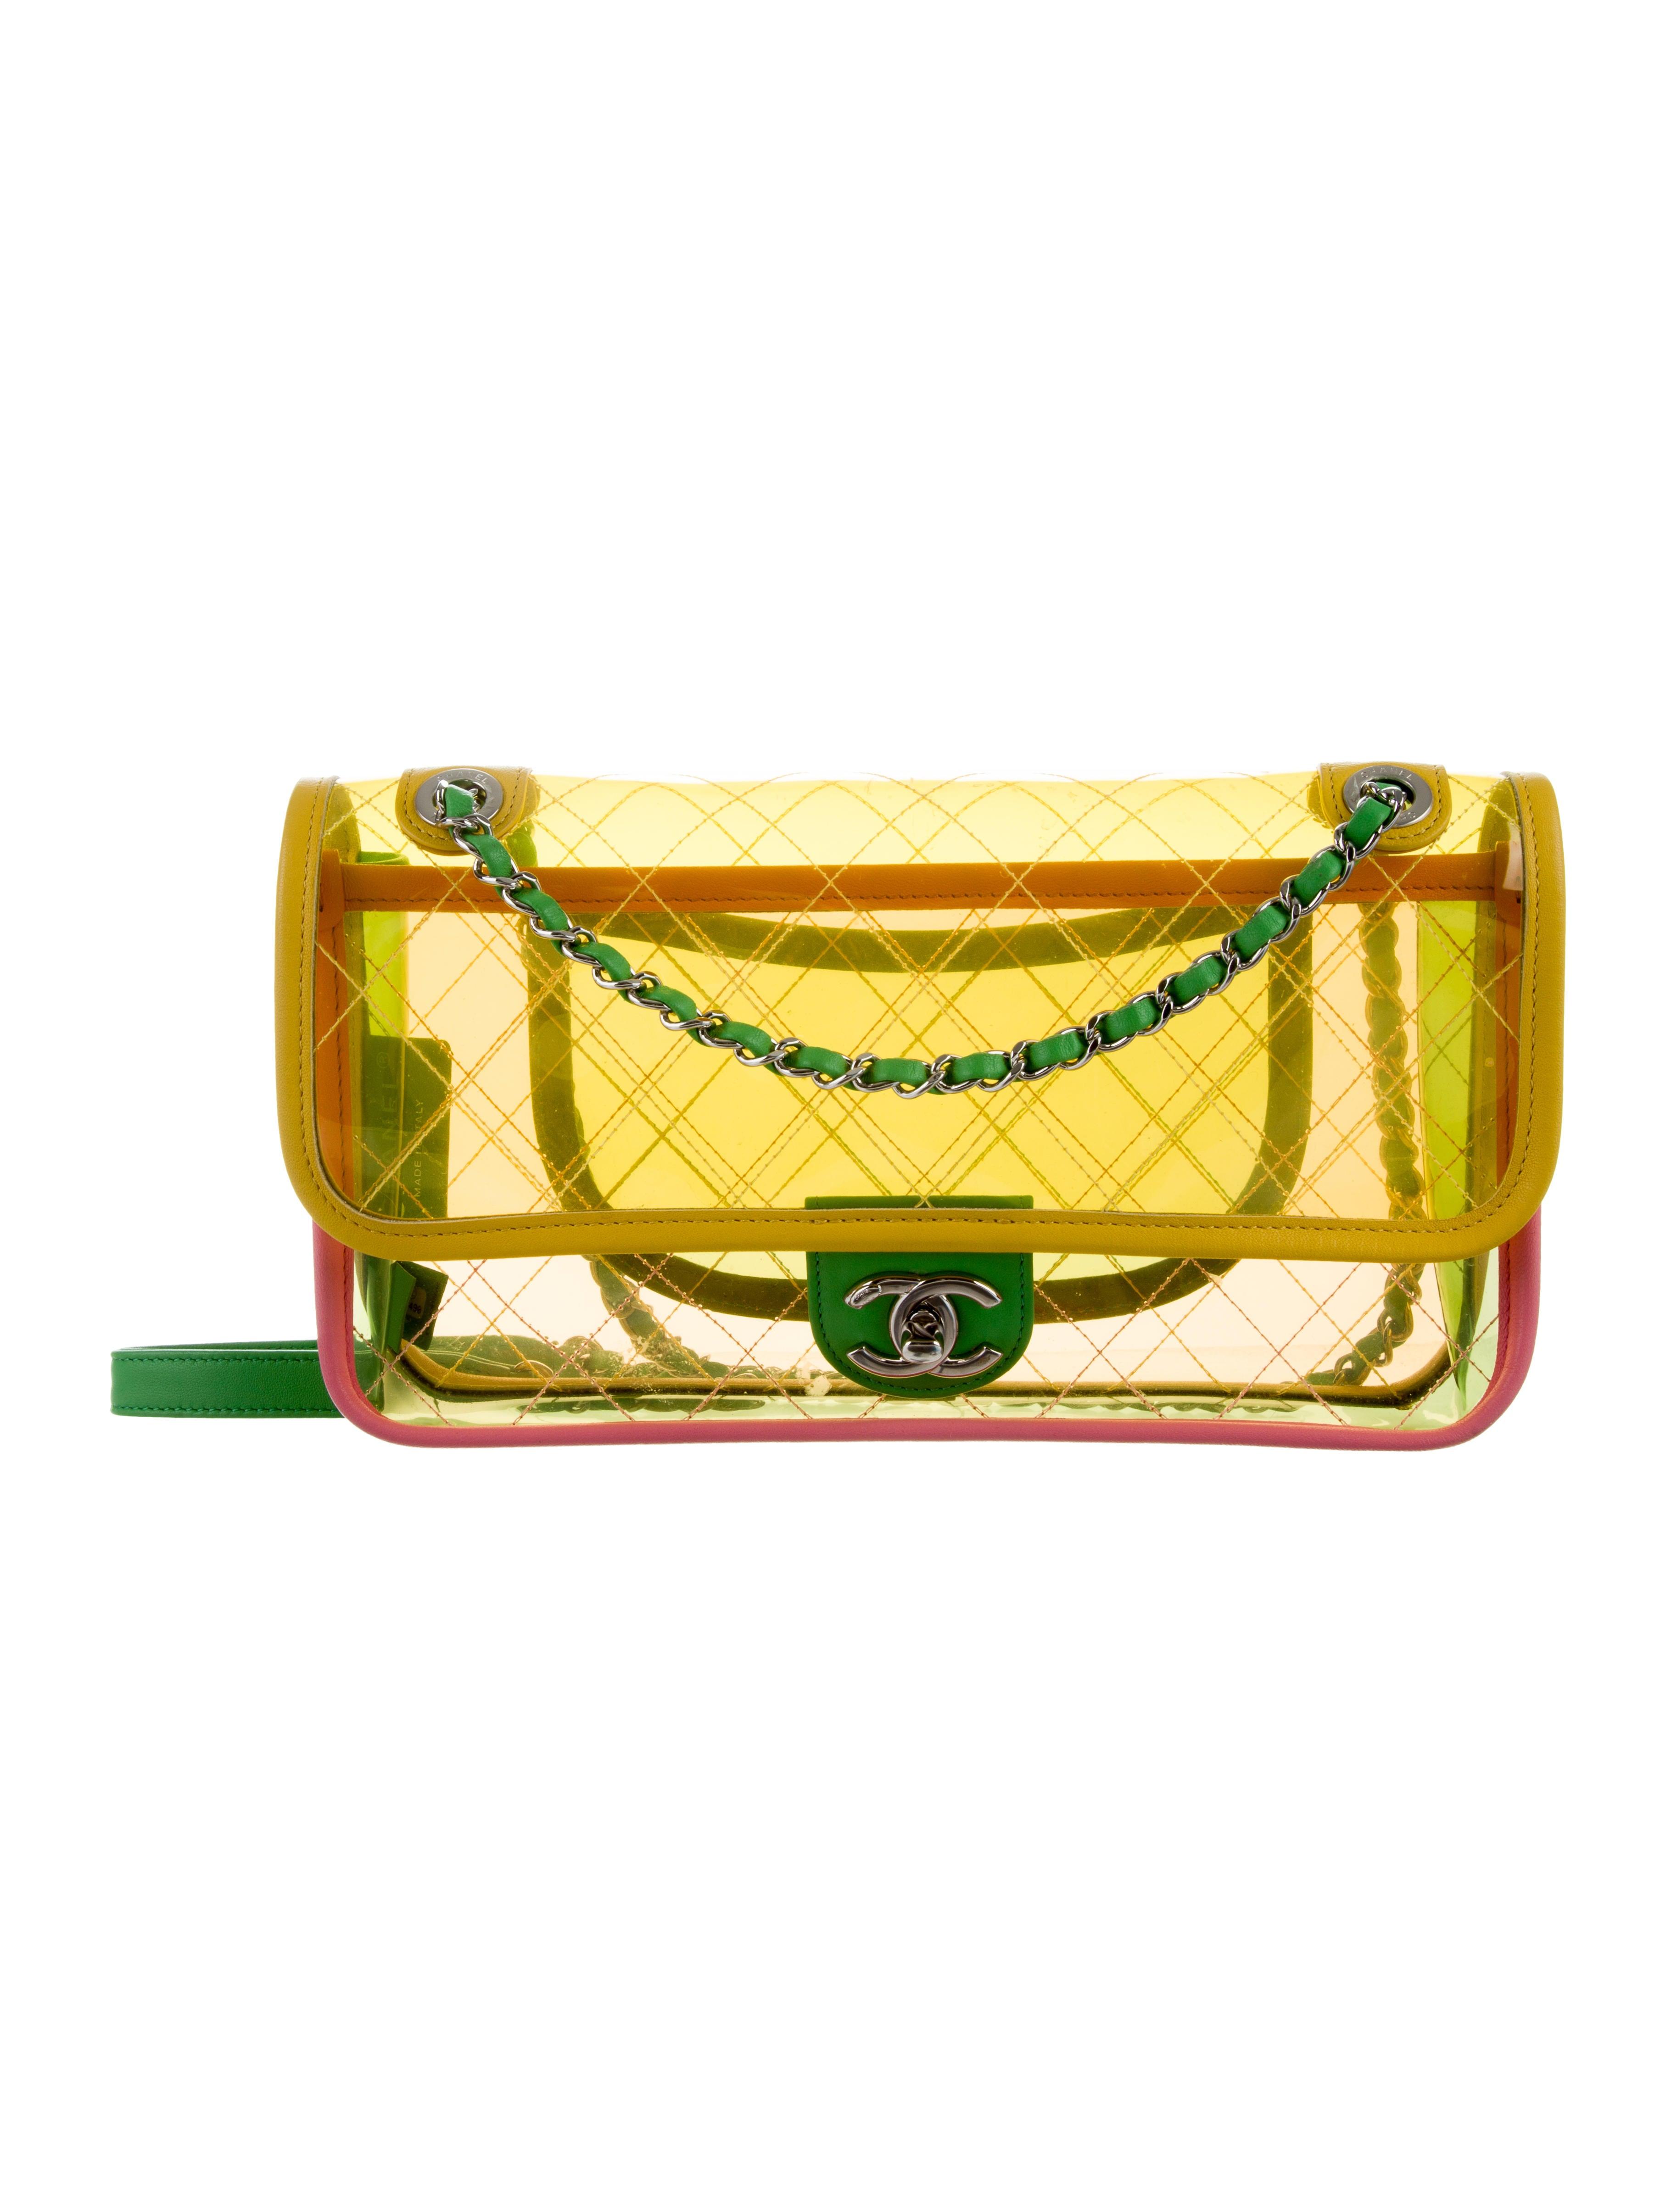 1b6e2165ddd2 Chanel 2018 Coco Splash Flap Bag - Handbags - CHA286950 | The RealReal